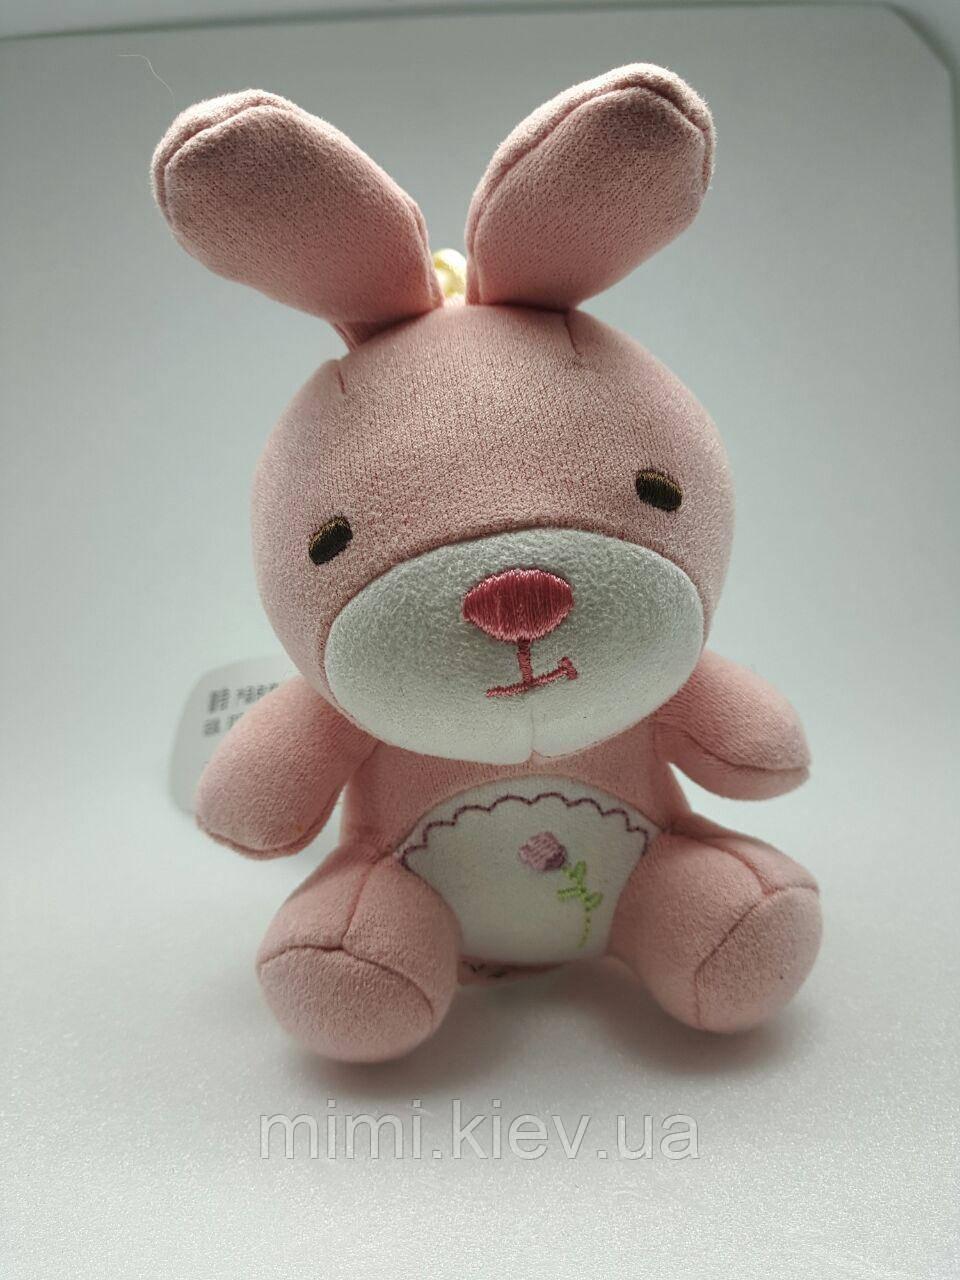 Кукла Metoo Заяц Мягкие игрушки Плюшевые животные мягкие детские игрушки для девочек Kawaii маленькие куклы